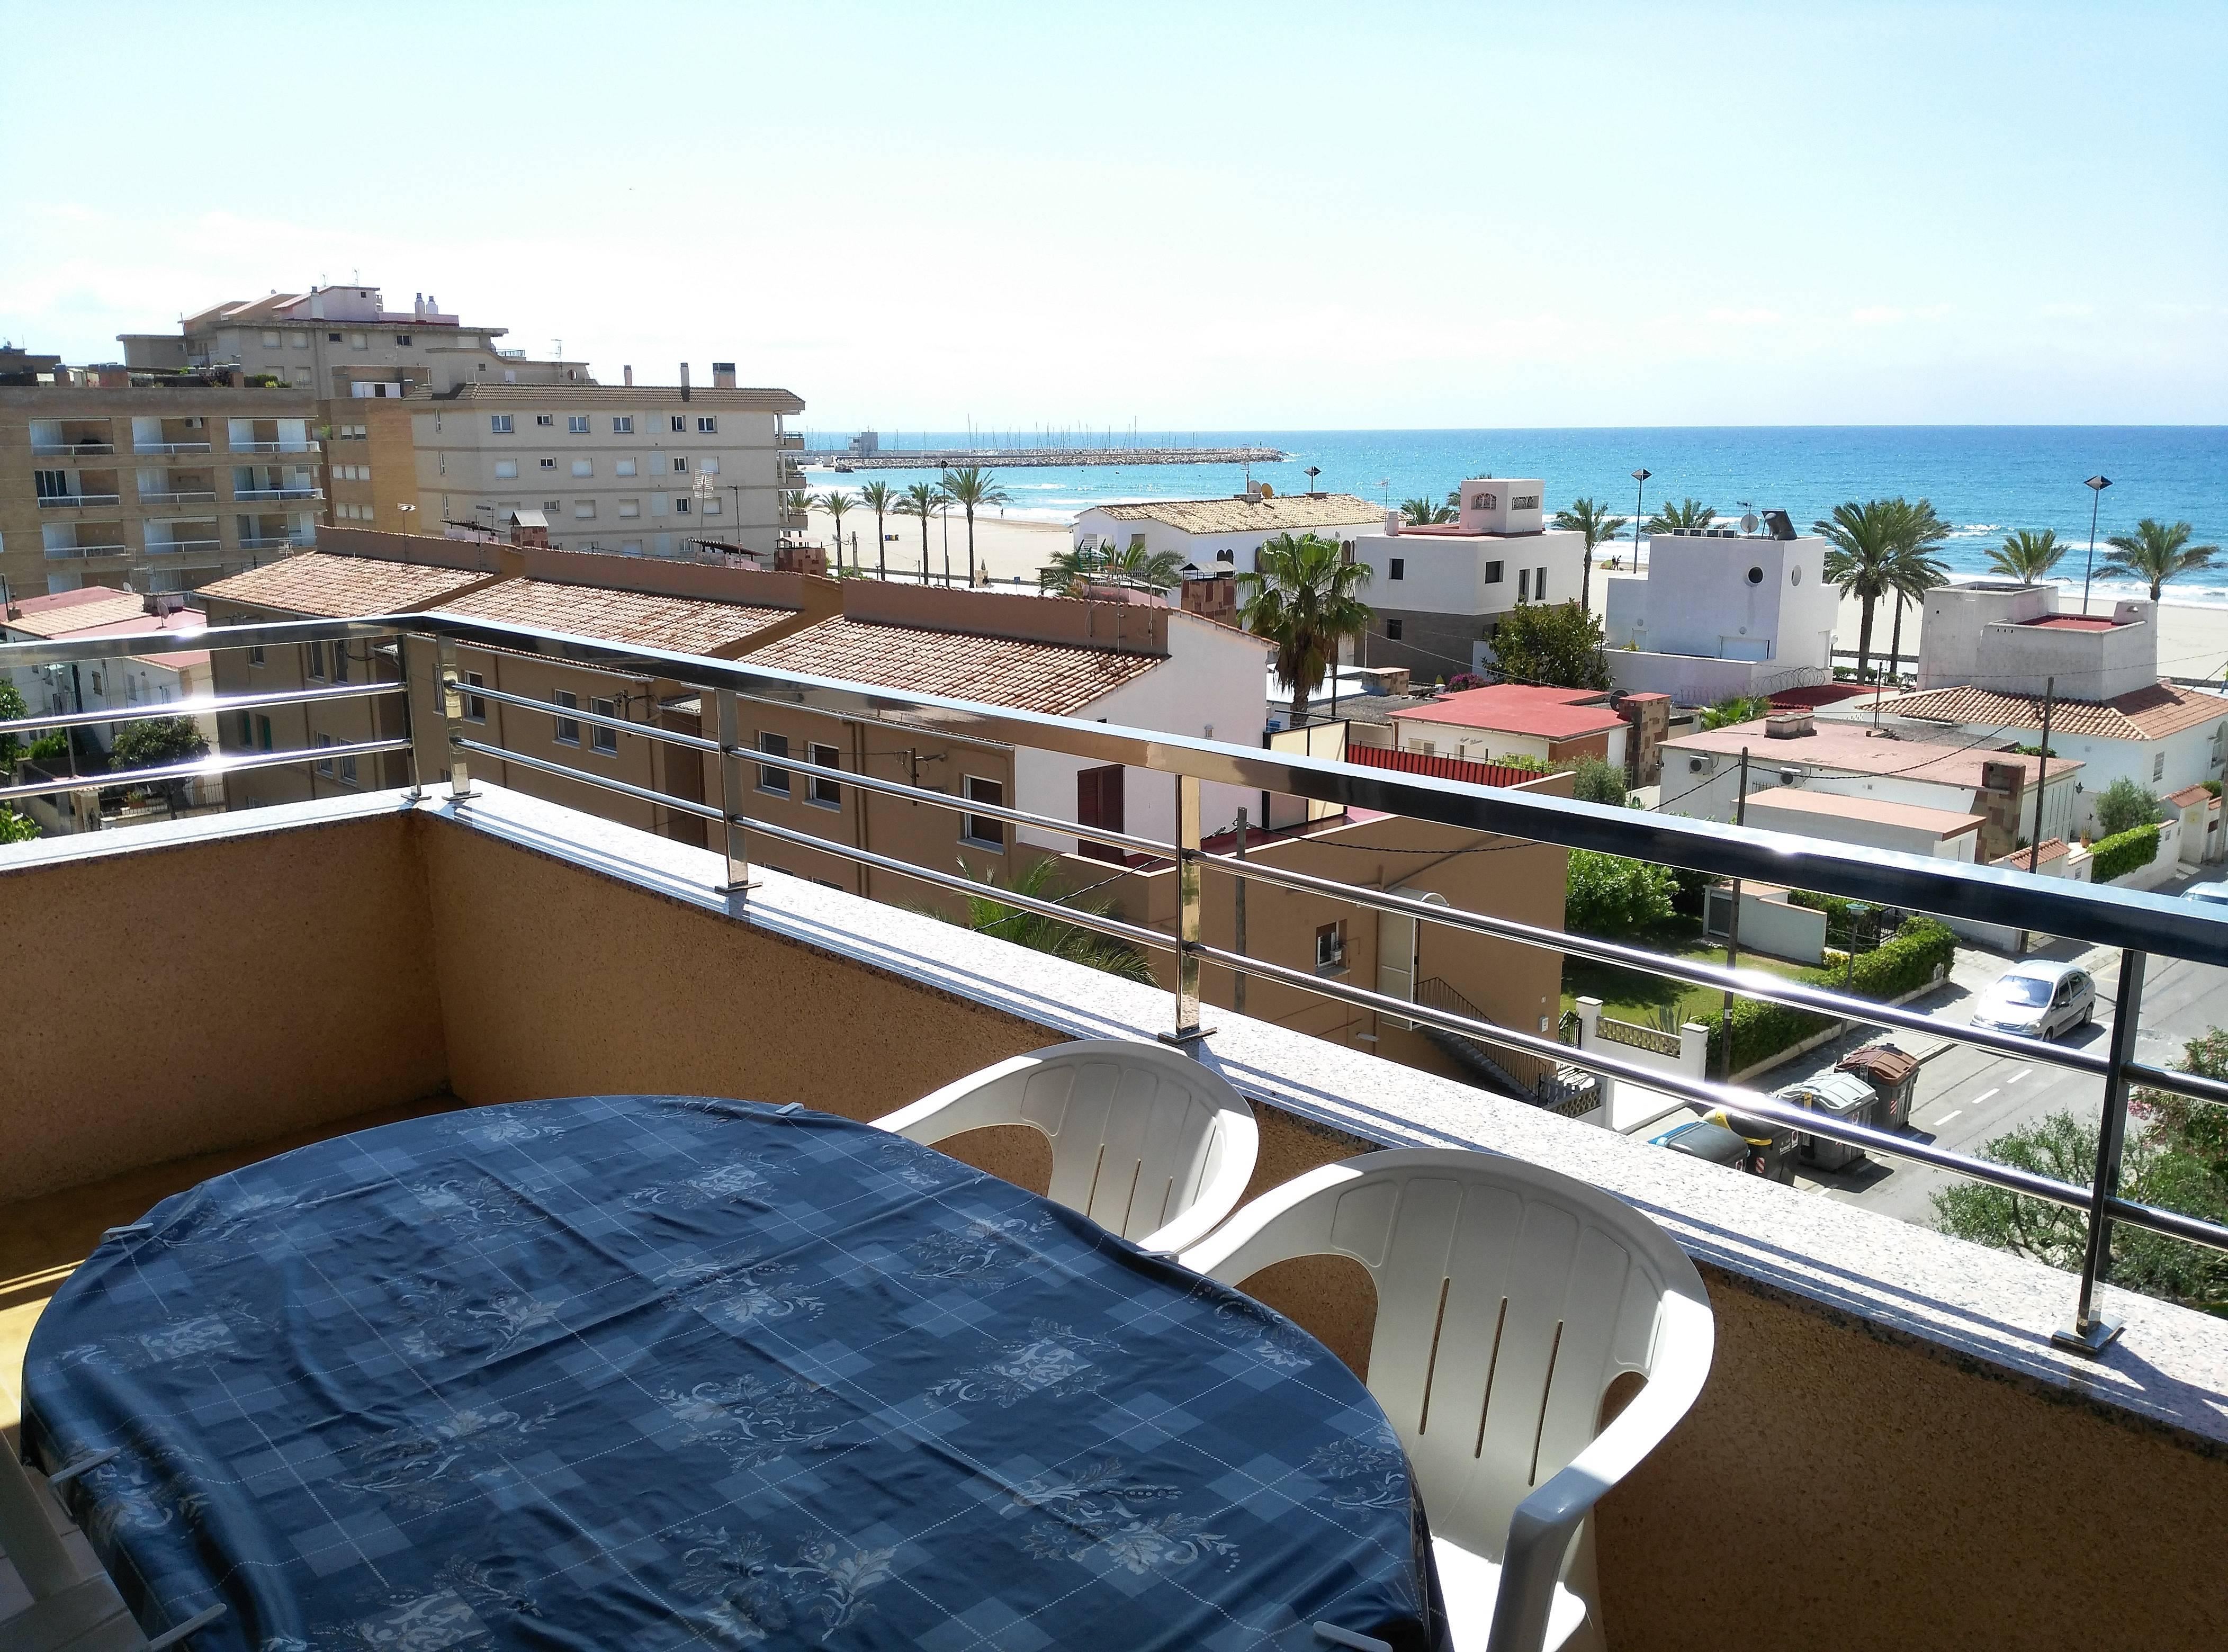 Apartamento en alquiler a 50 m de la playa segur de for Apartamentos jardin playa larga tarragona